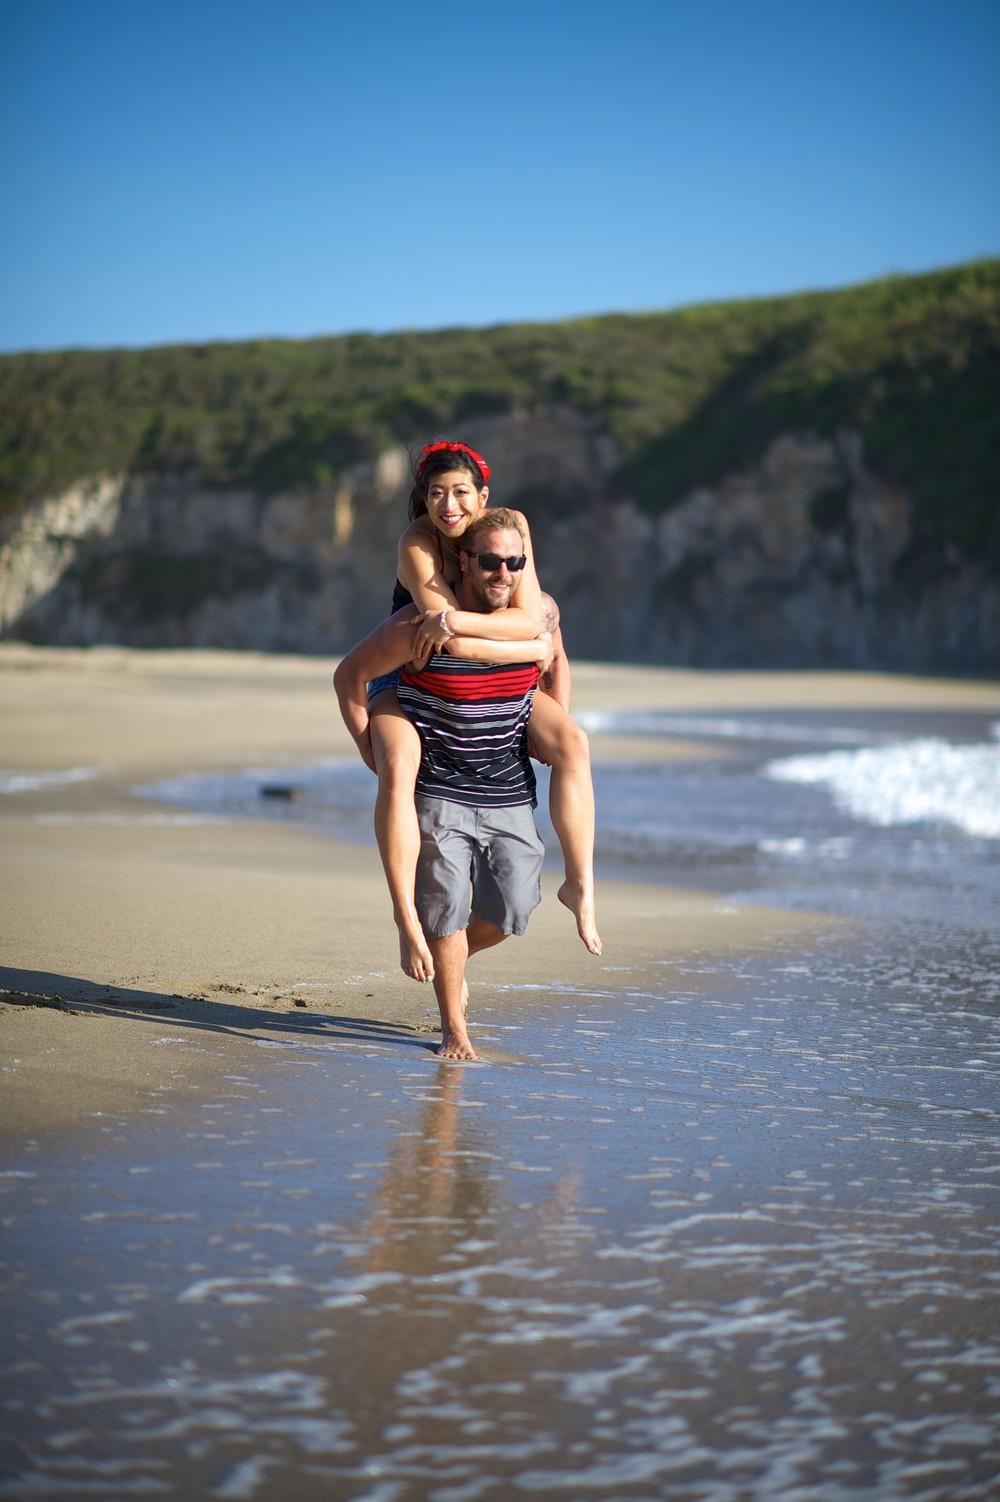 beach-005.jpg